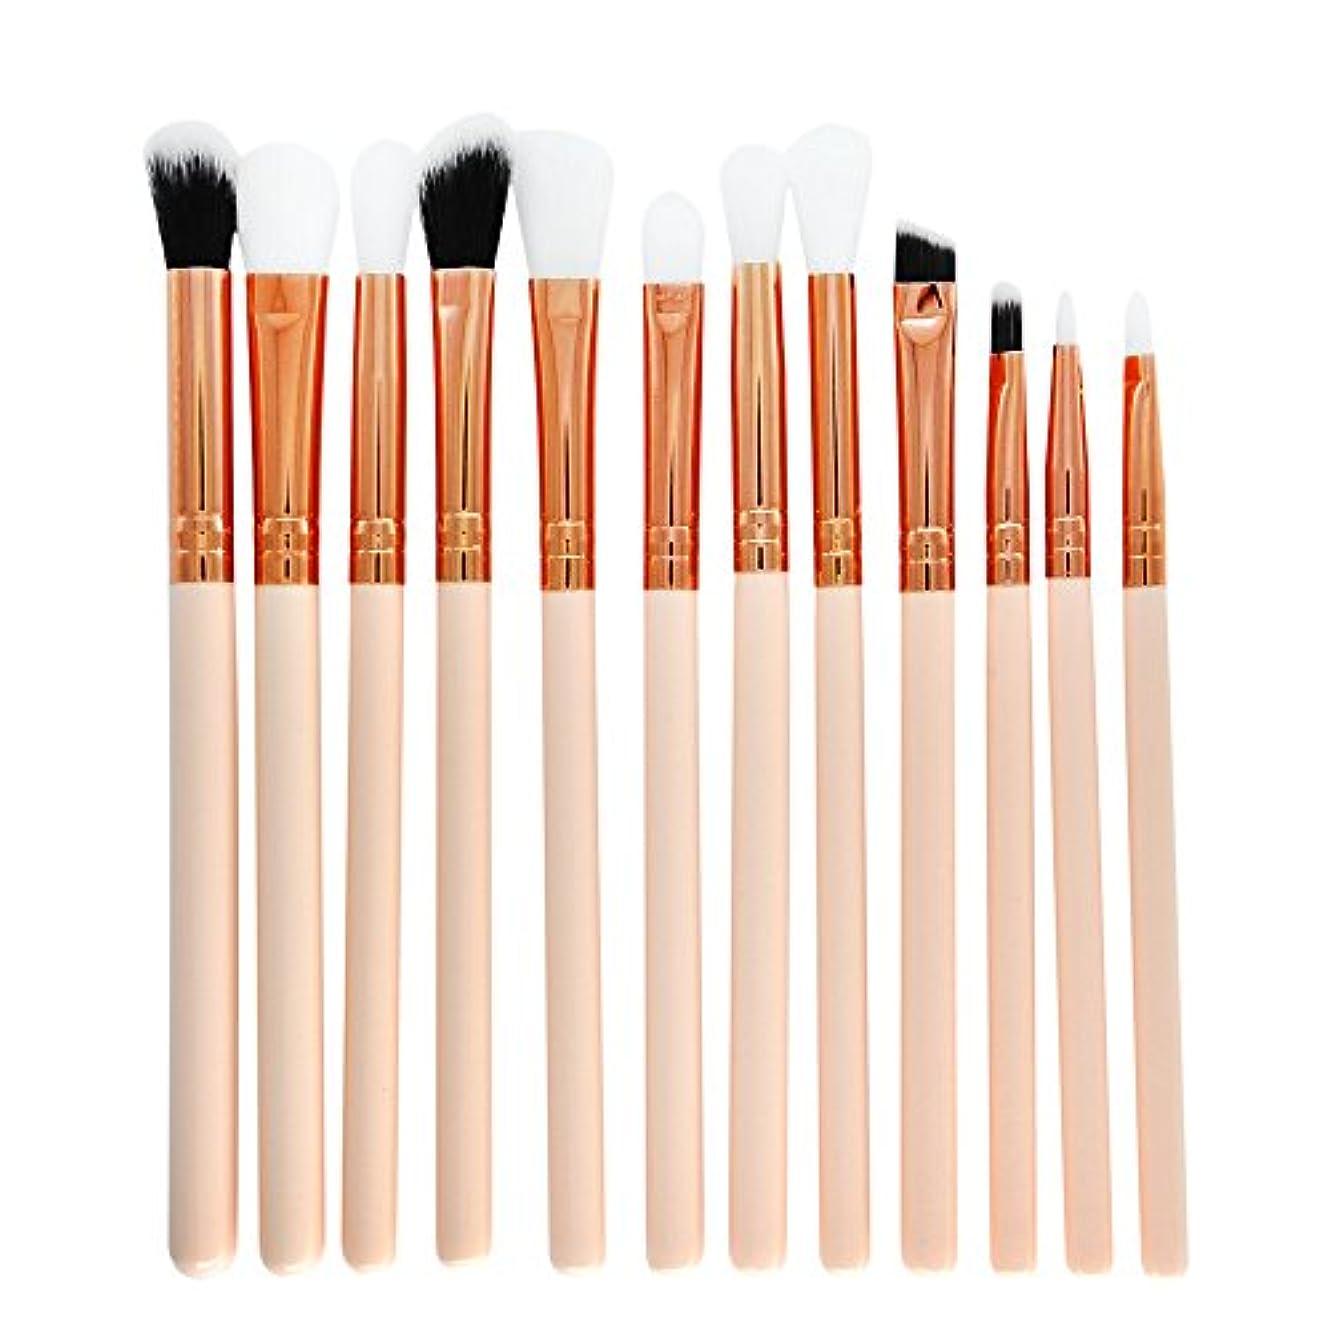 機転湿原たくさん12 本セット化粧筆 | メイクアップブラシセット アイシャドウメイクブラシ| コスメチック化粧ブラシキットビューティーツール (ホワイト)